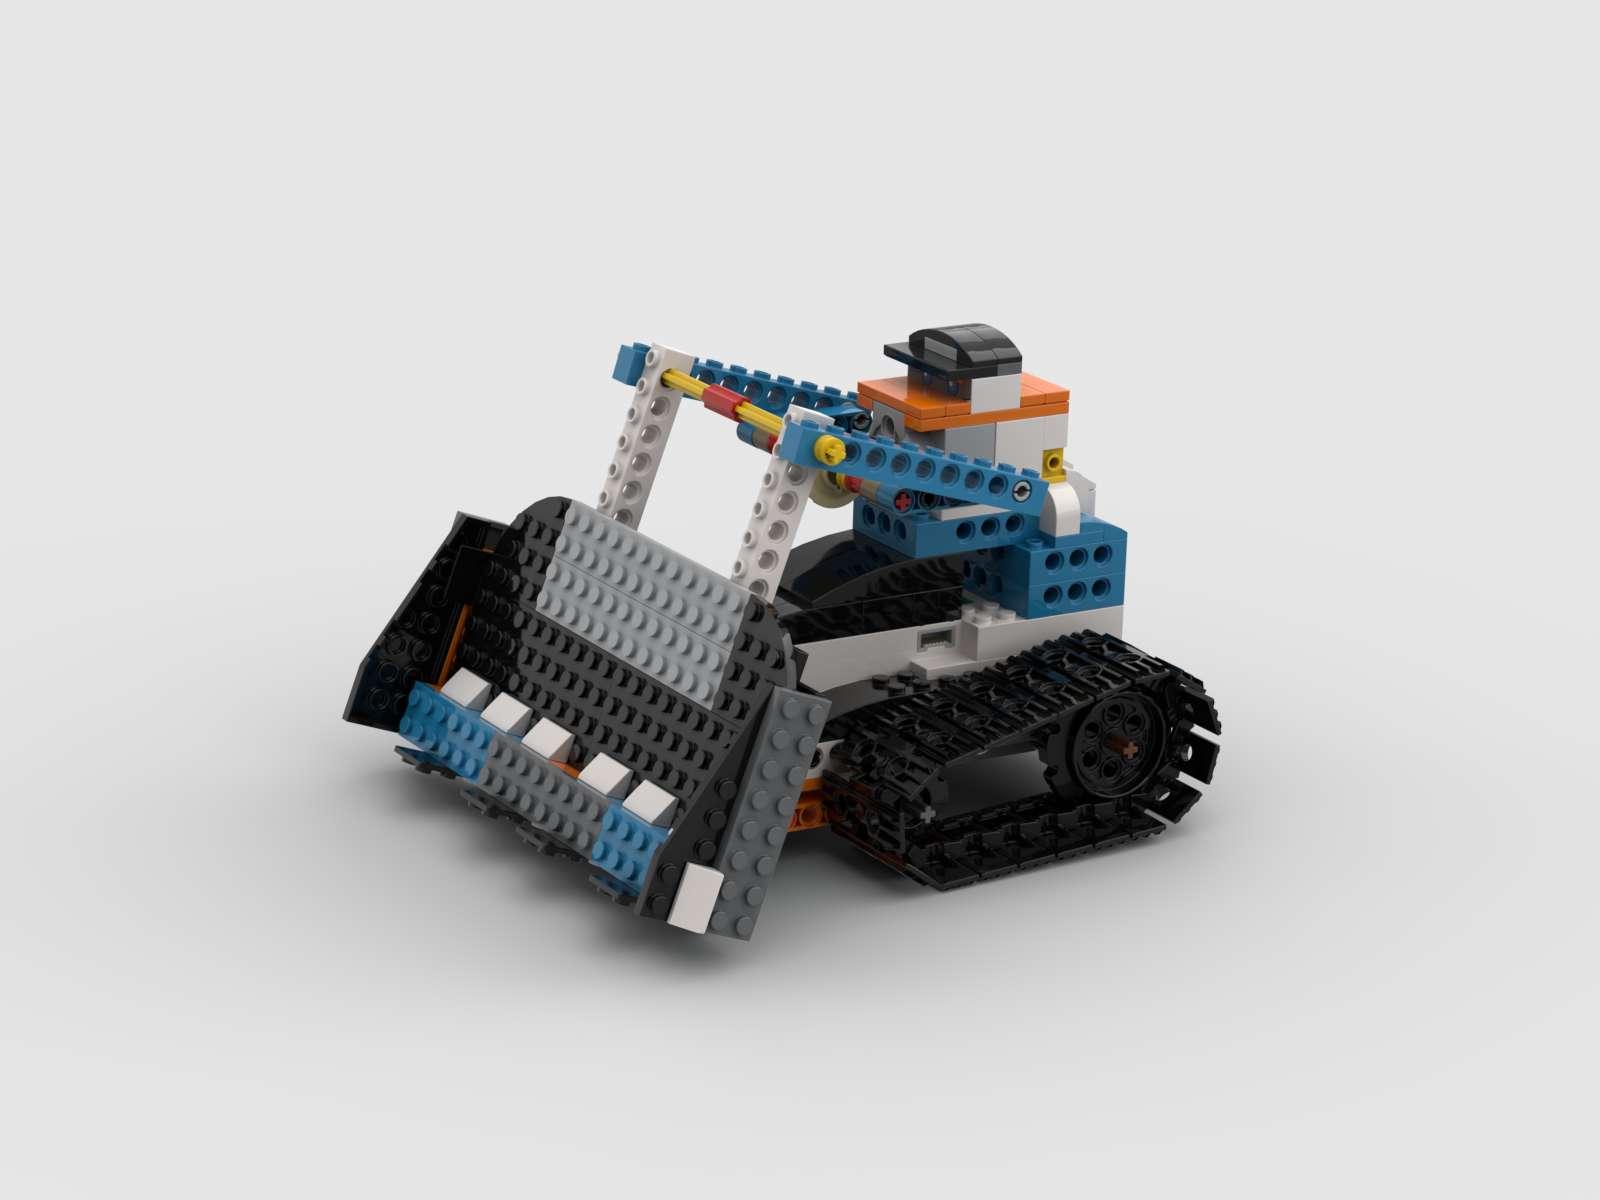 レゴブースト×STEAM教育!自宅でロボットプログラミング【2.ブルドーザー】